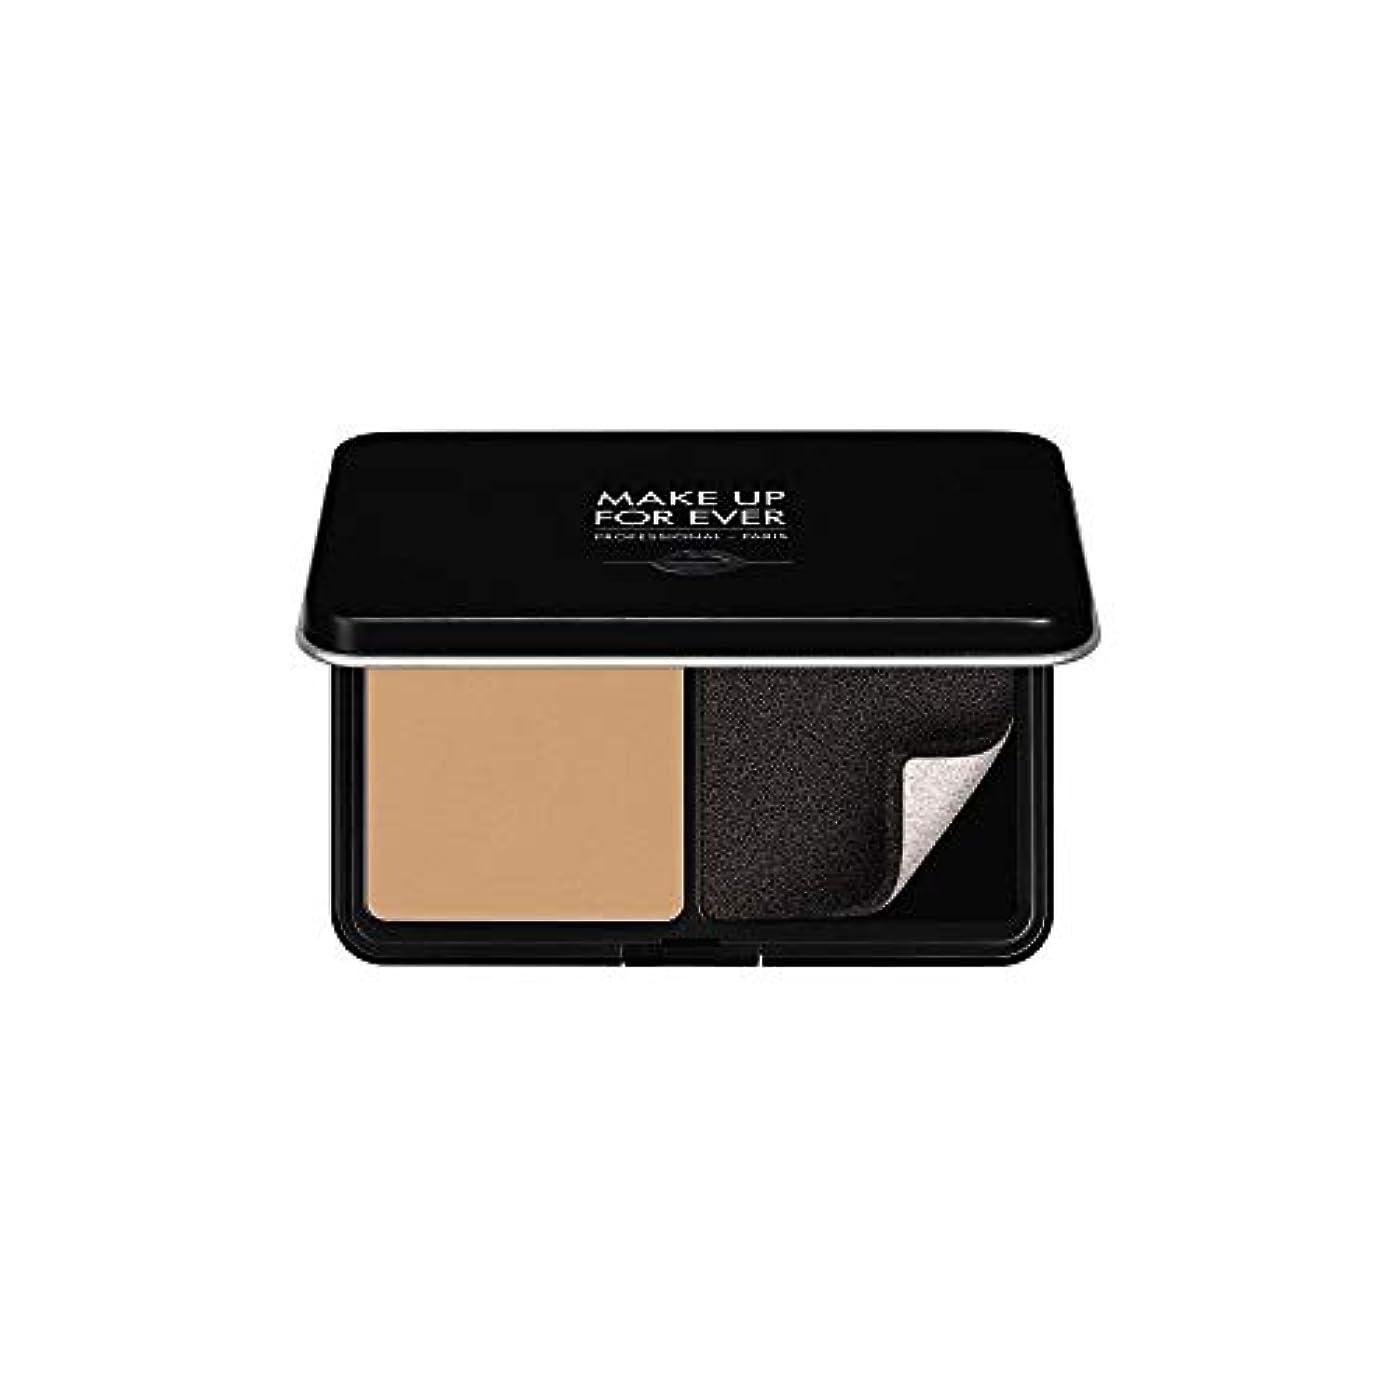 スカートピースメモメイクアップフォーエバー Matte Velvet Skin Blurring Powder Foundation - # Y315 (Sand) 11g/0.38oz並行輸入品